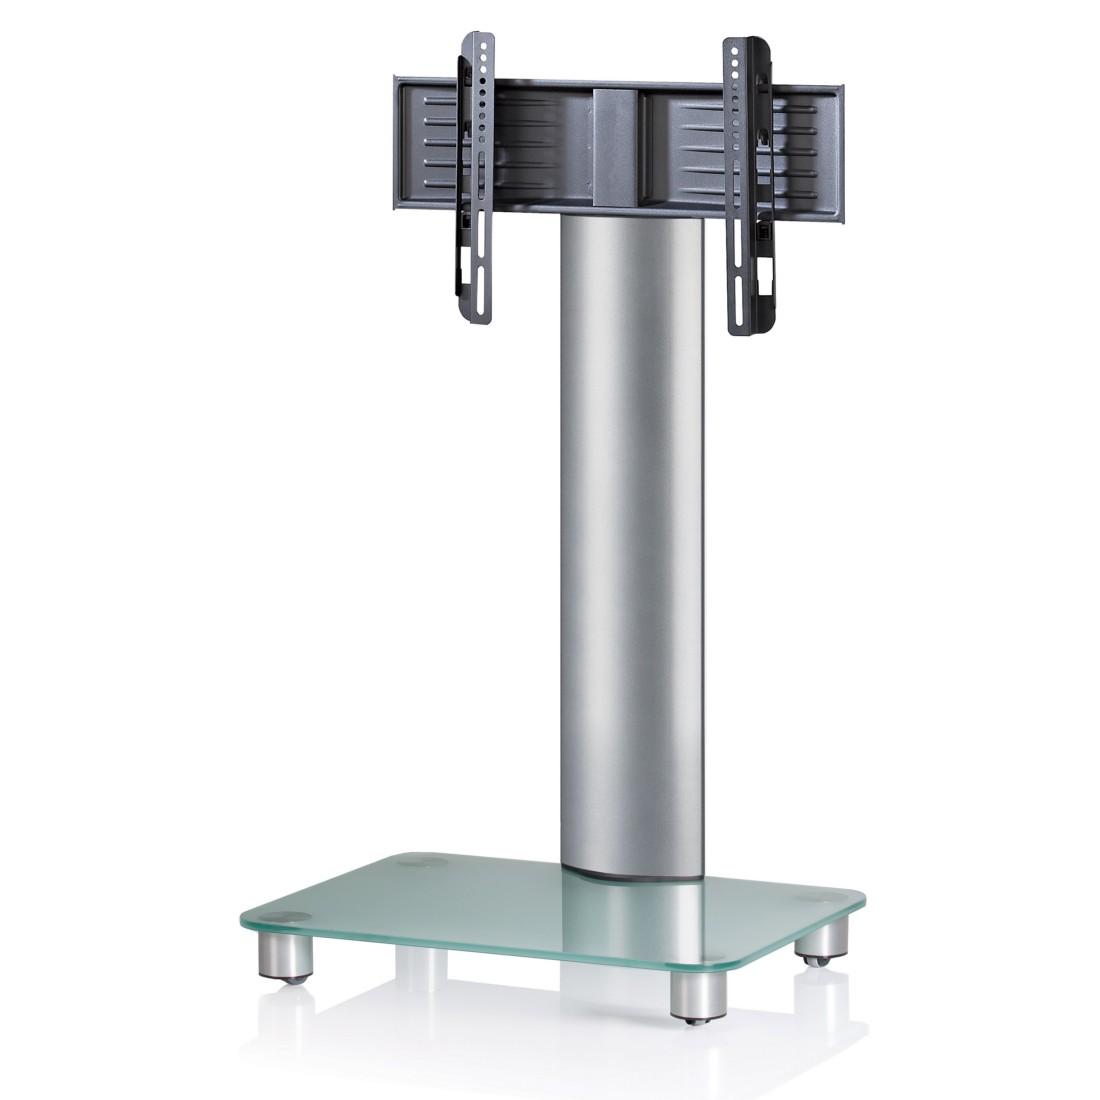 vcm tv standfuss bilano silber ohne zwischenboden tv rack aus aluminium und glas schrank. Black Bedroom Furniture Sets. Home Design Ideas